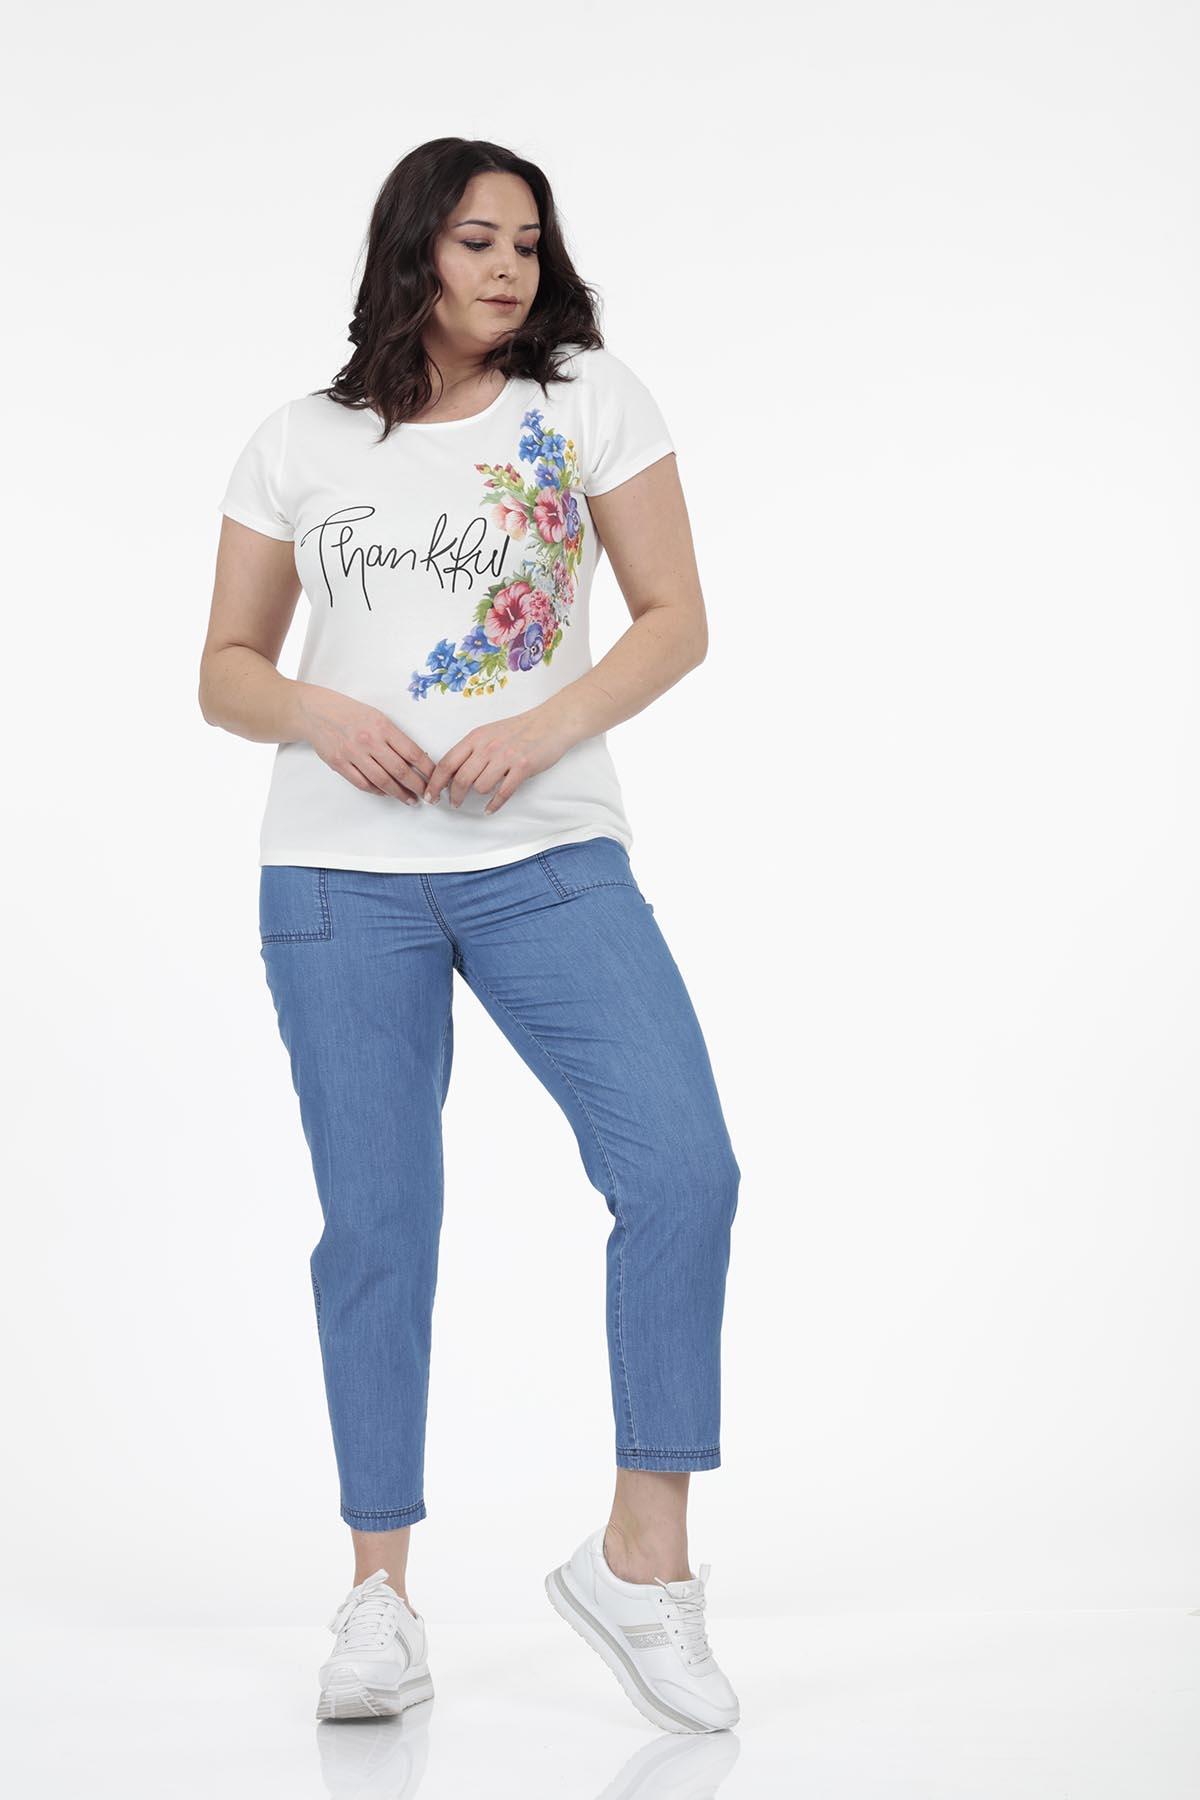 ThankFul Baskı Detaylı T-shirt - Thumbnail